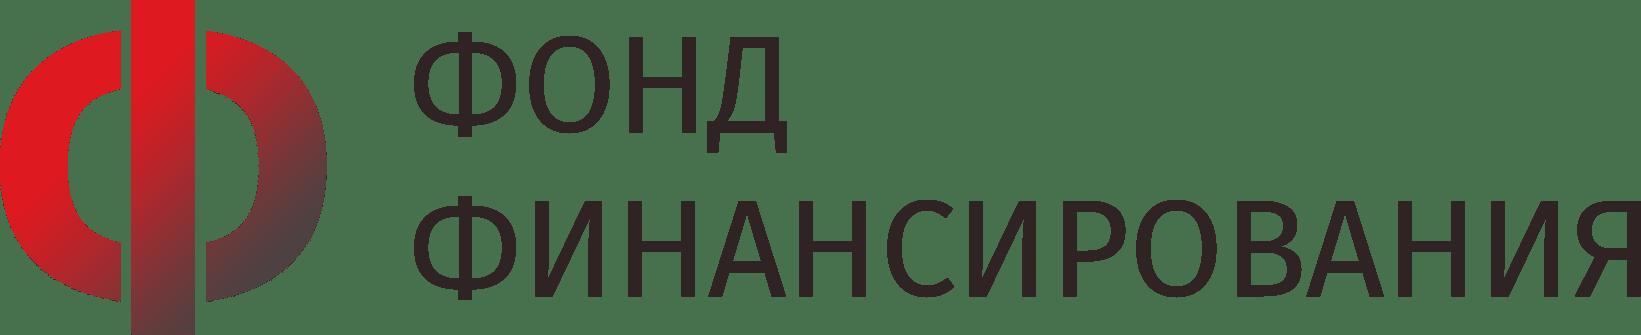 Потребительский кредит без справки о доходах в москве